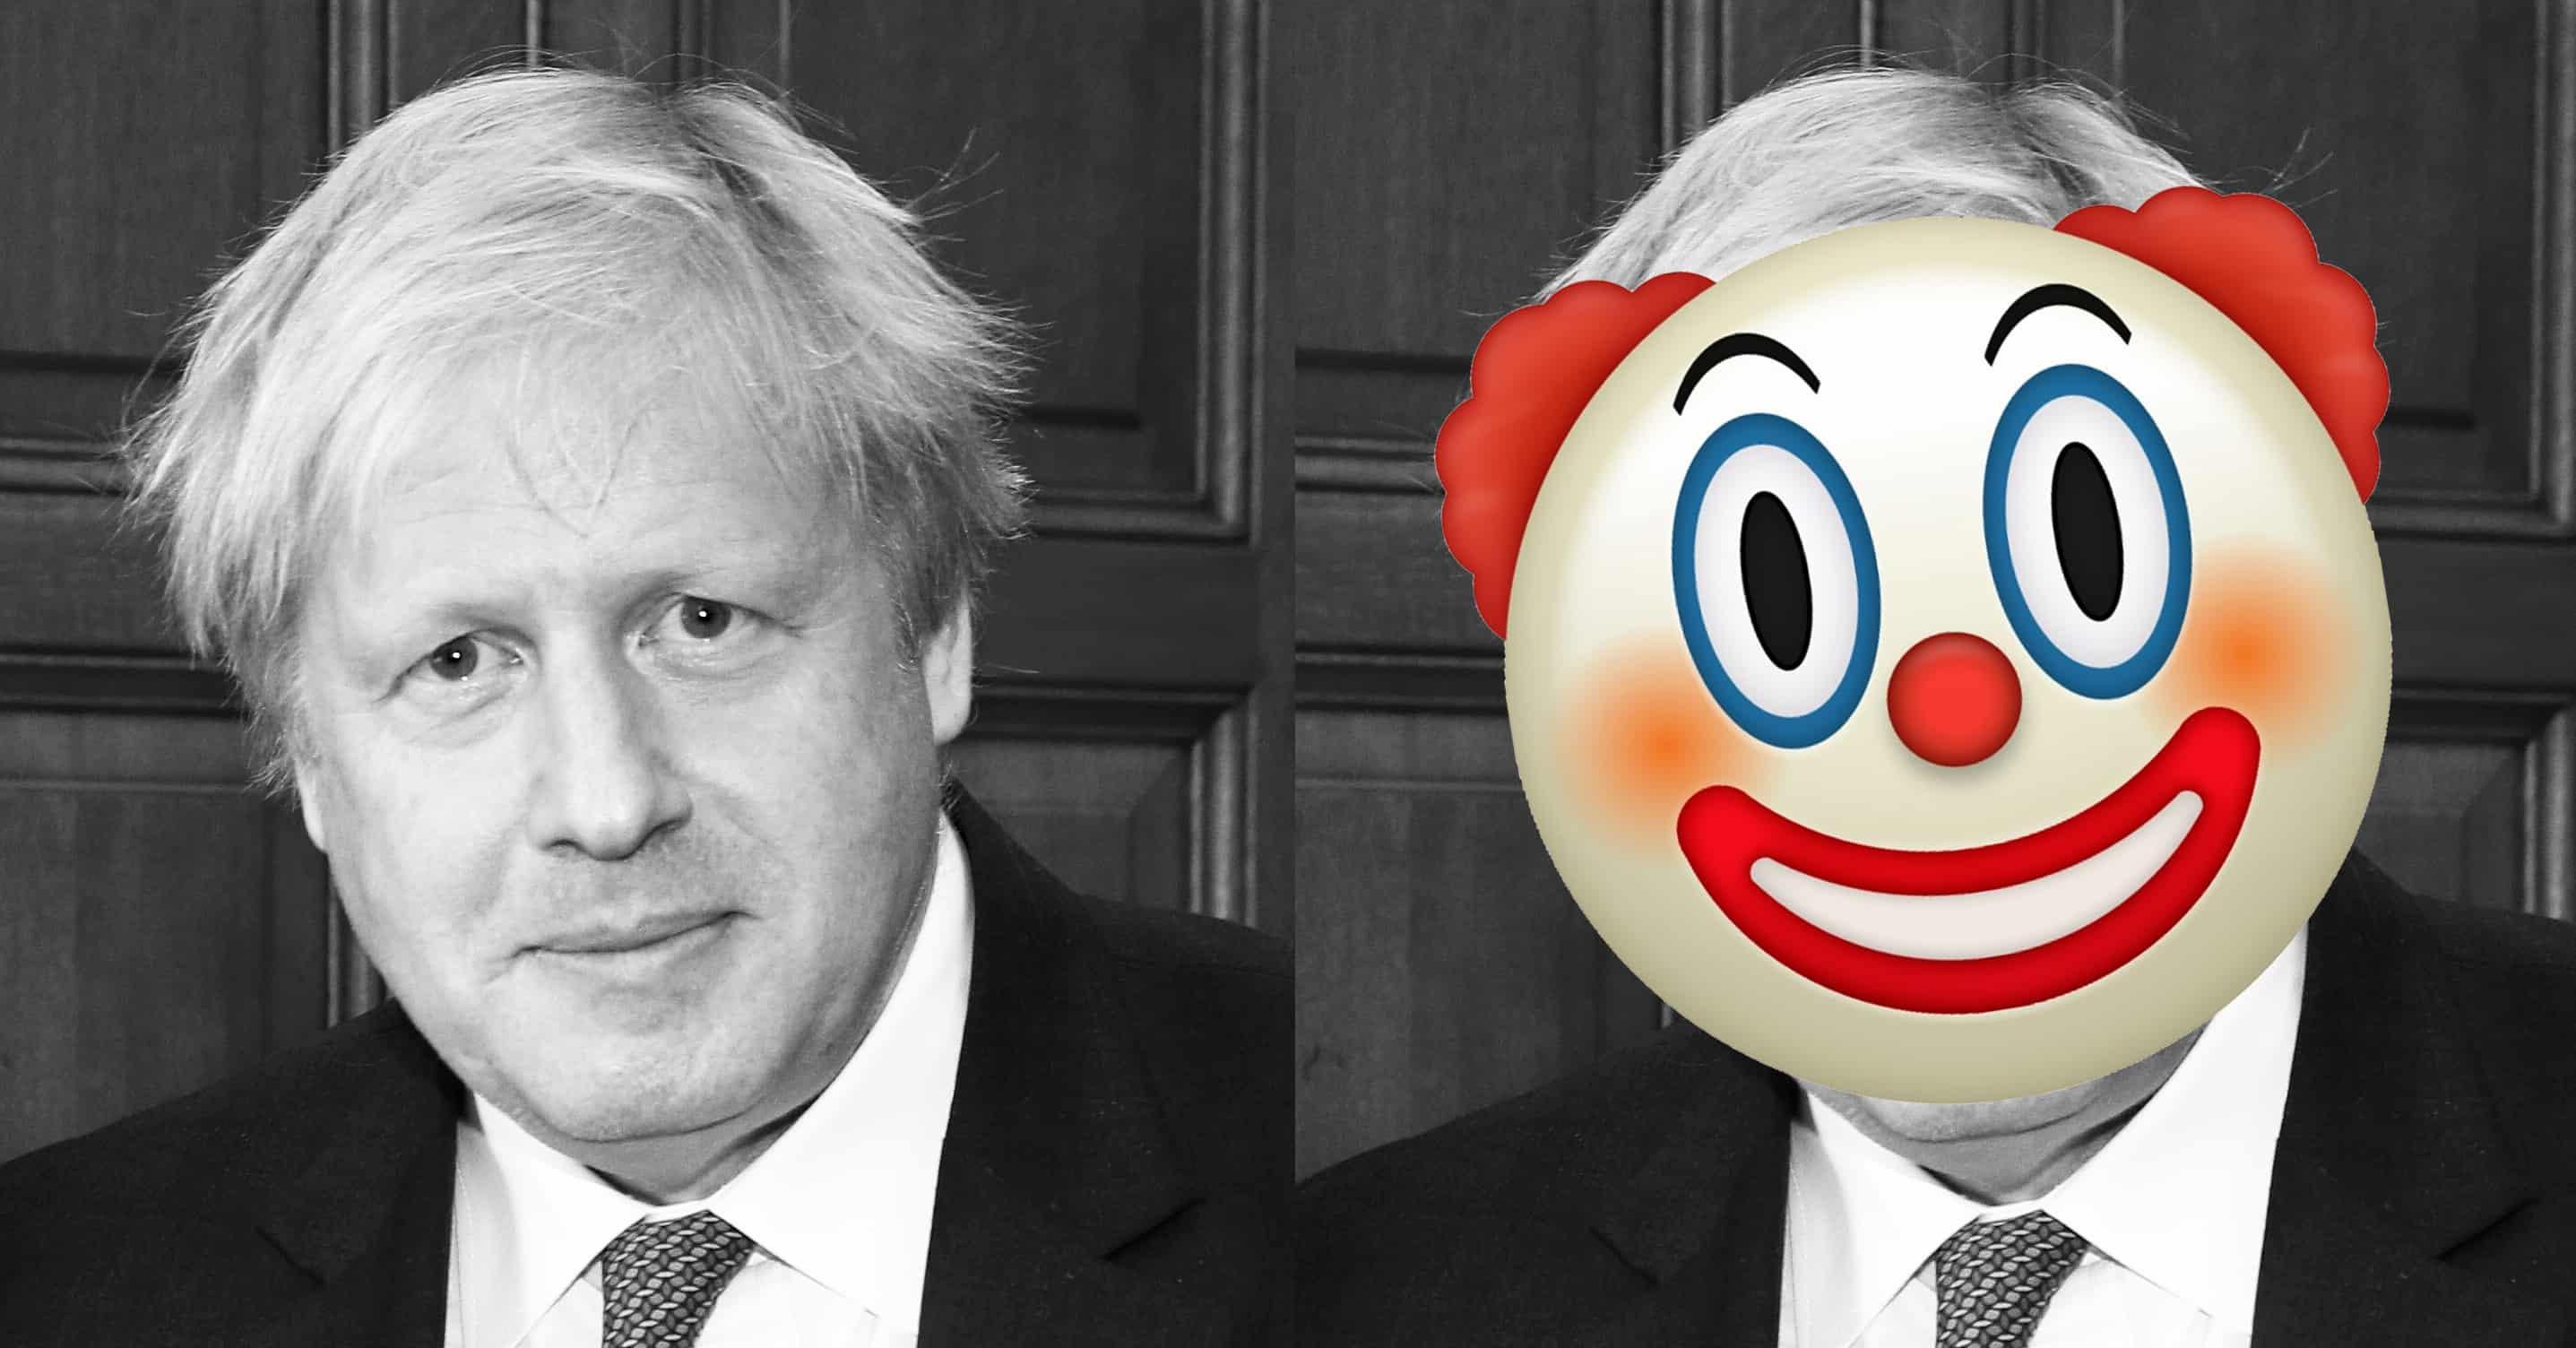 ef4369ad 6 ganger Boris Johnson har blitt eid i britisk presse de siste dagene